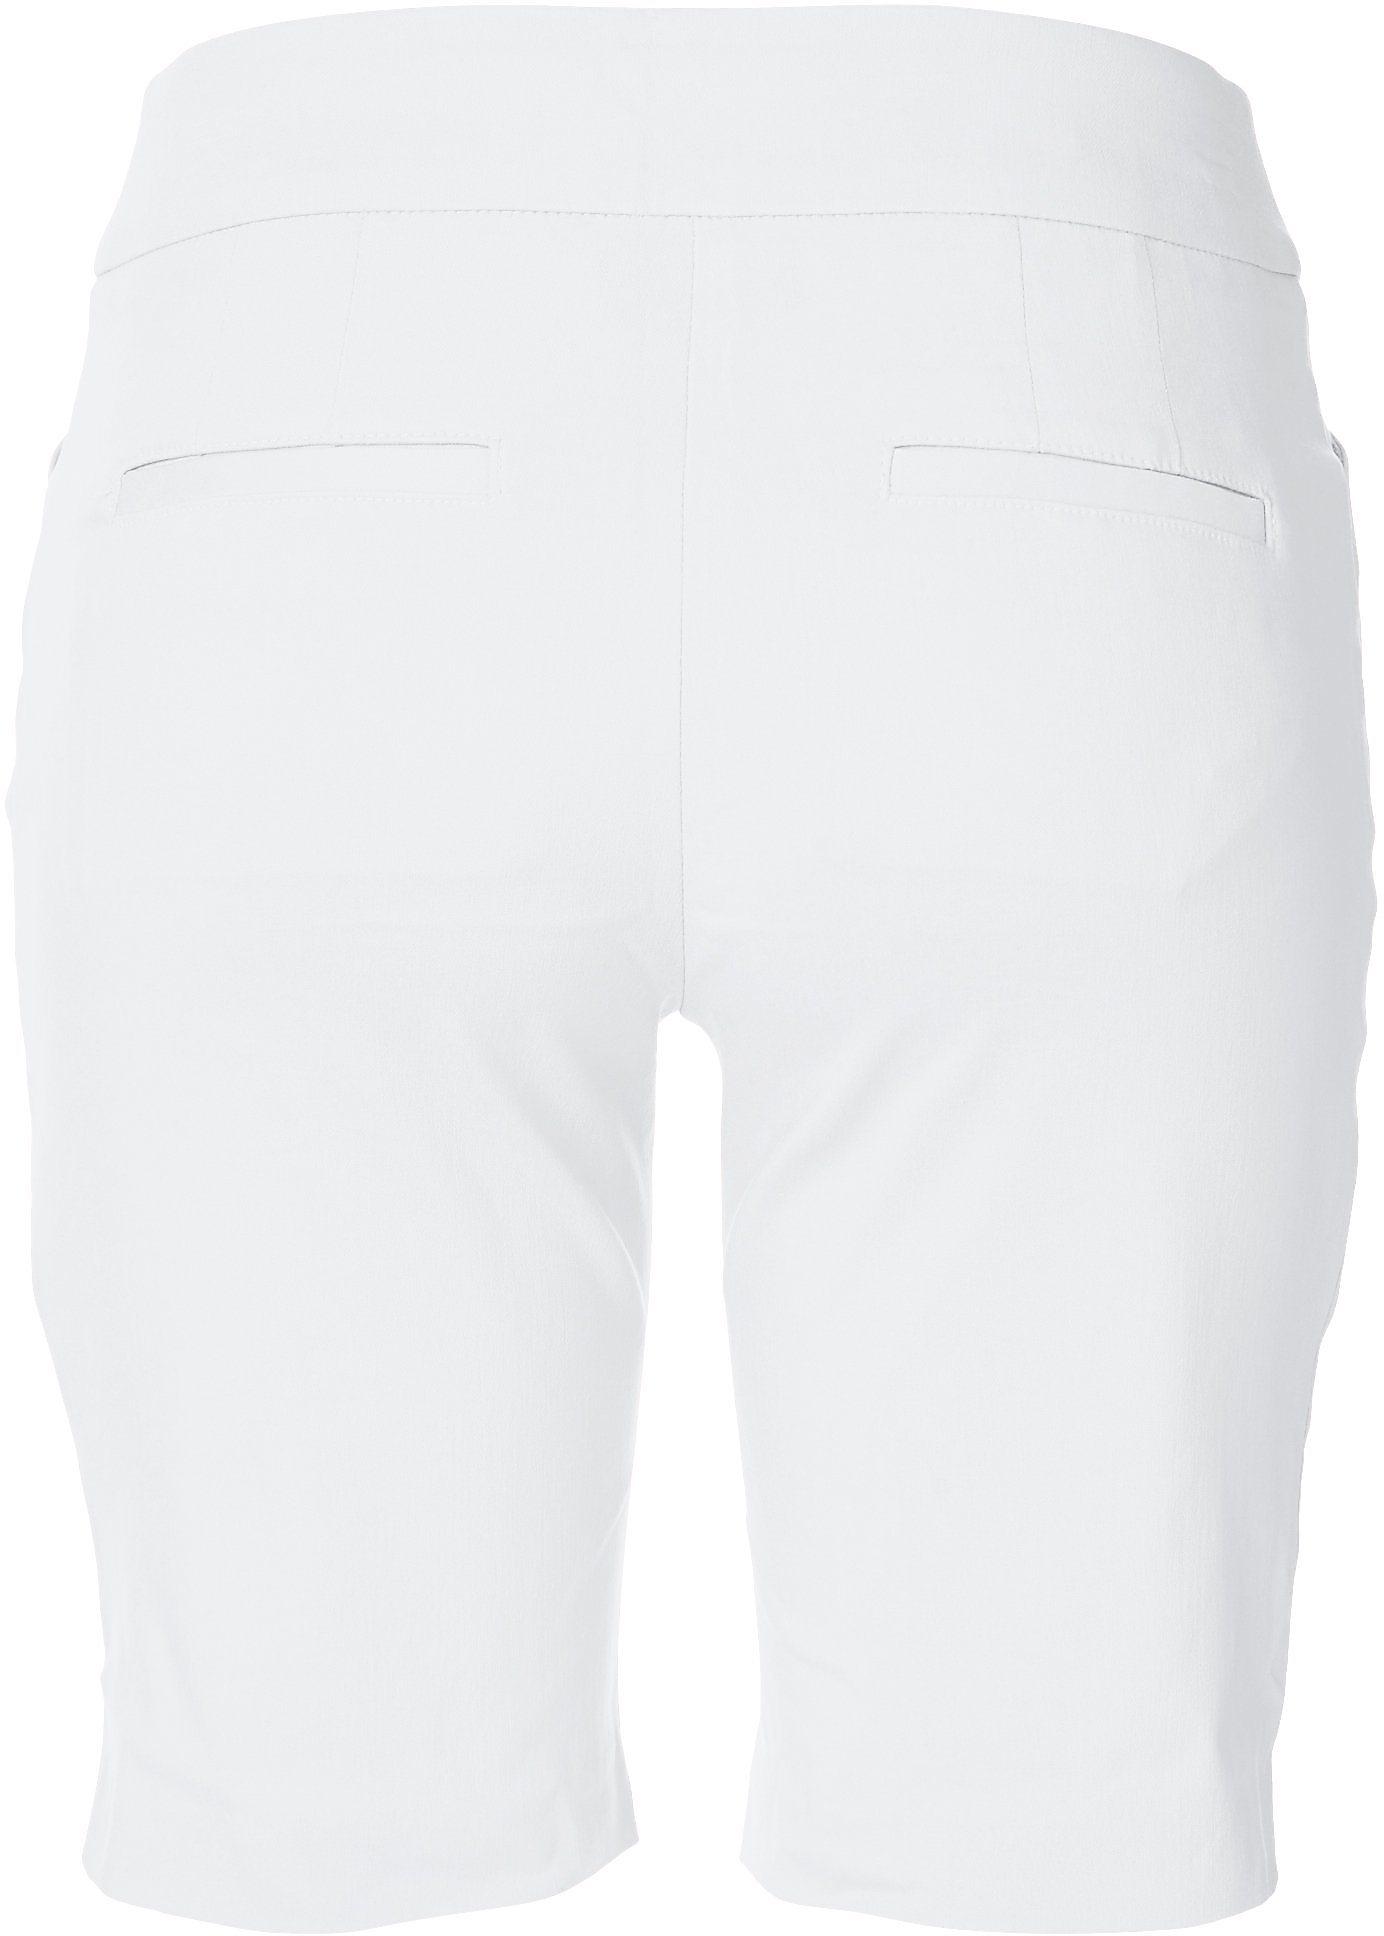 thumbnail 18 - ATTYRE Womens Solid Bermuda Shorts